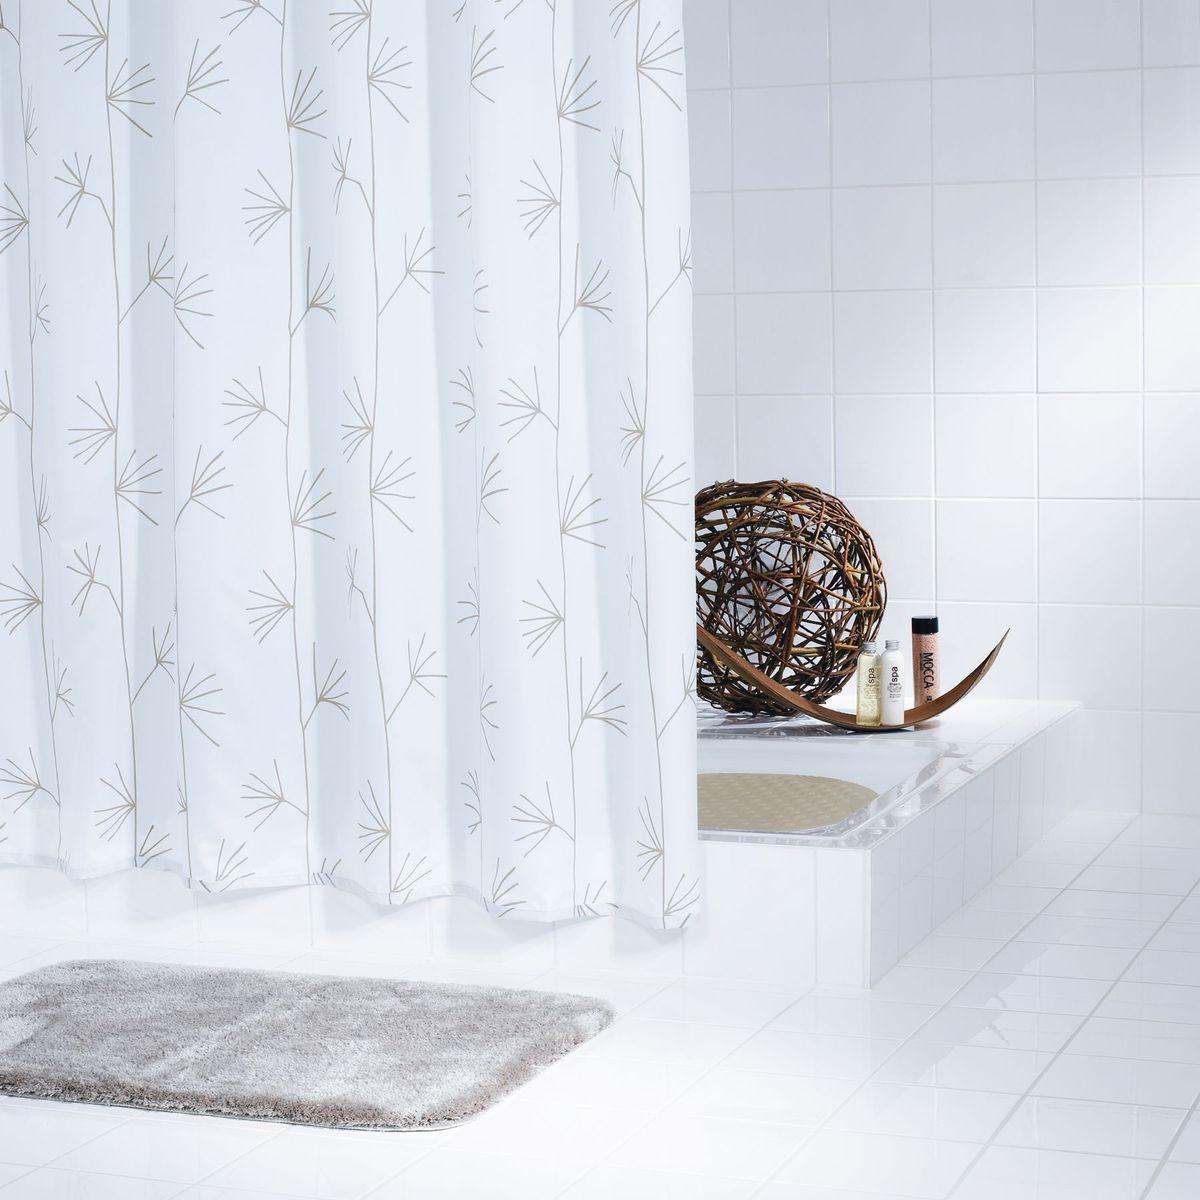 Штора для ванной комнаты Ridder Yucca, цвет: белый , 180 х 200 см штора для ванной комнаты vanstore zober цвет белый 180 х 180 см